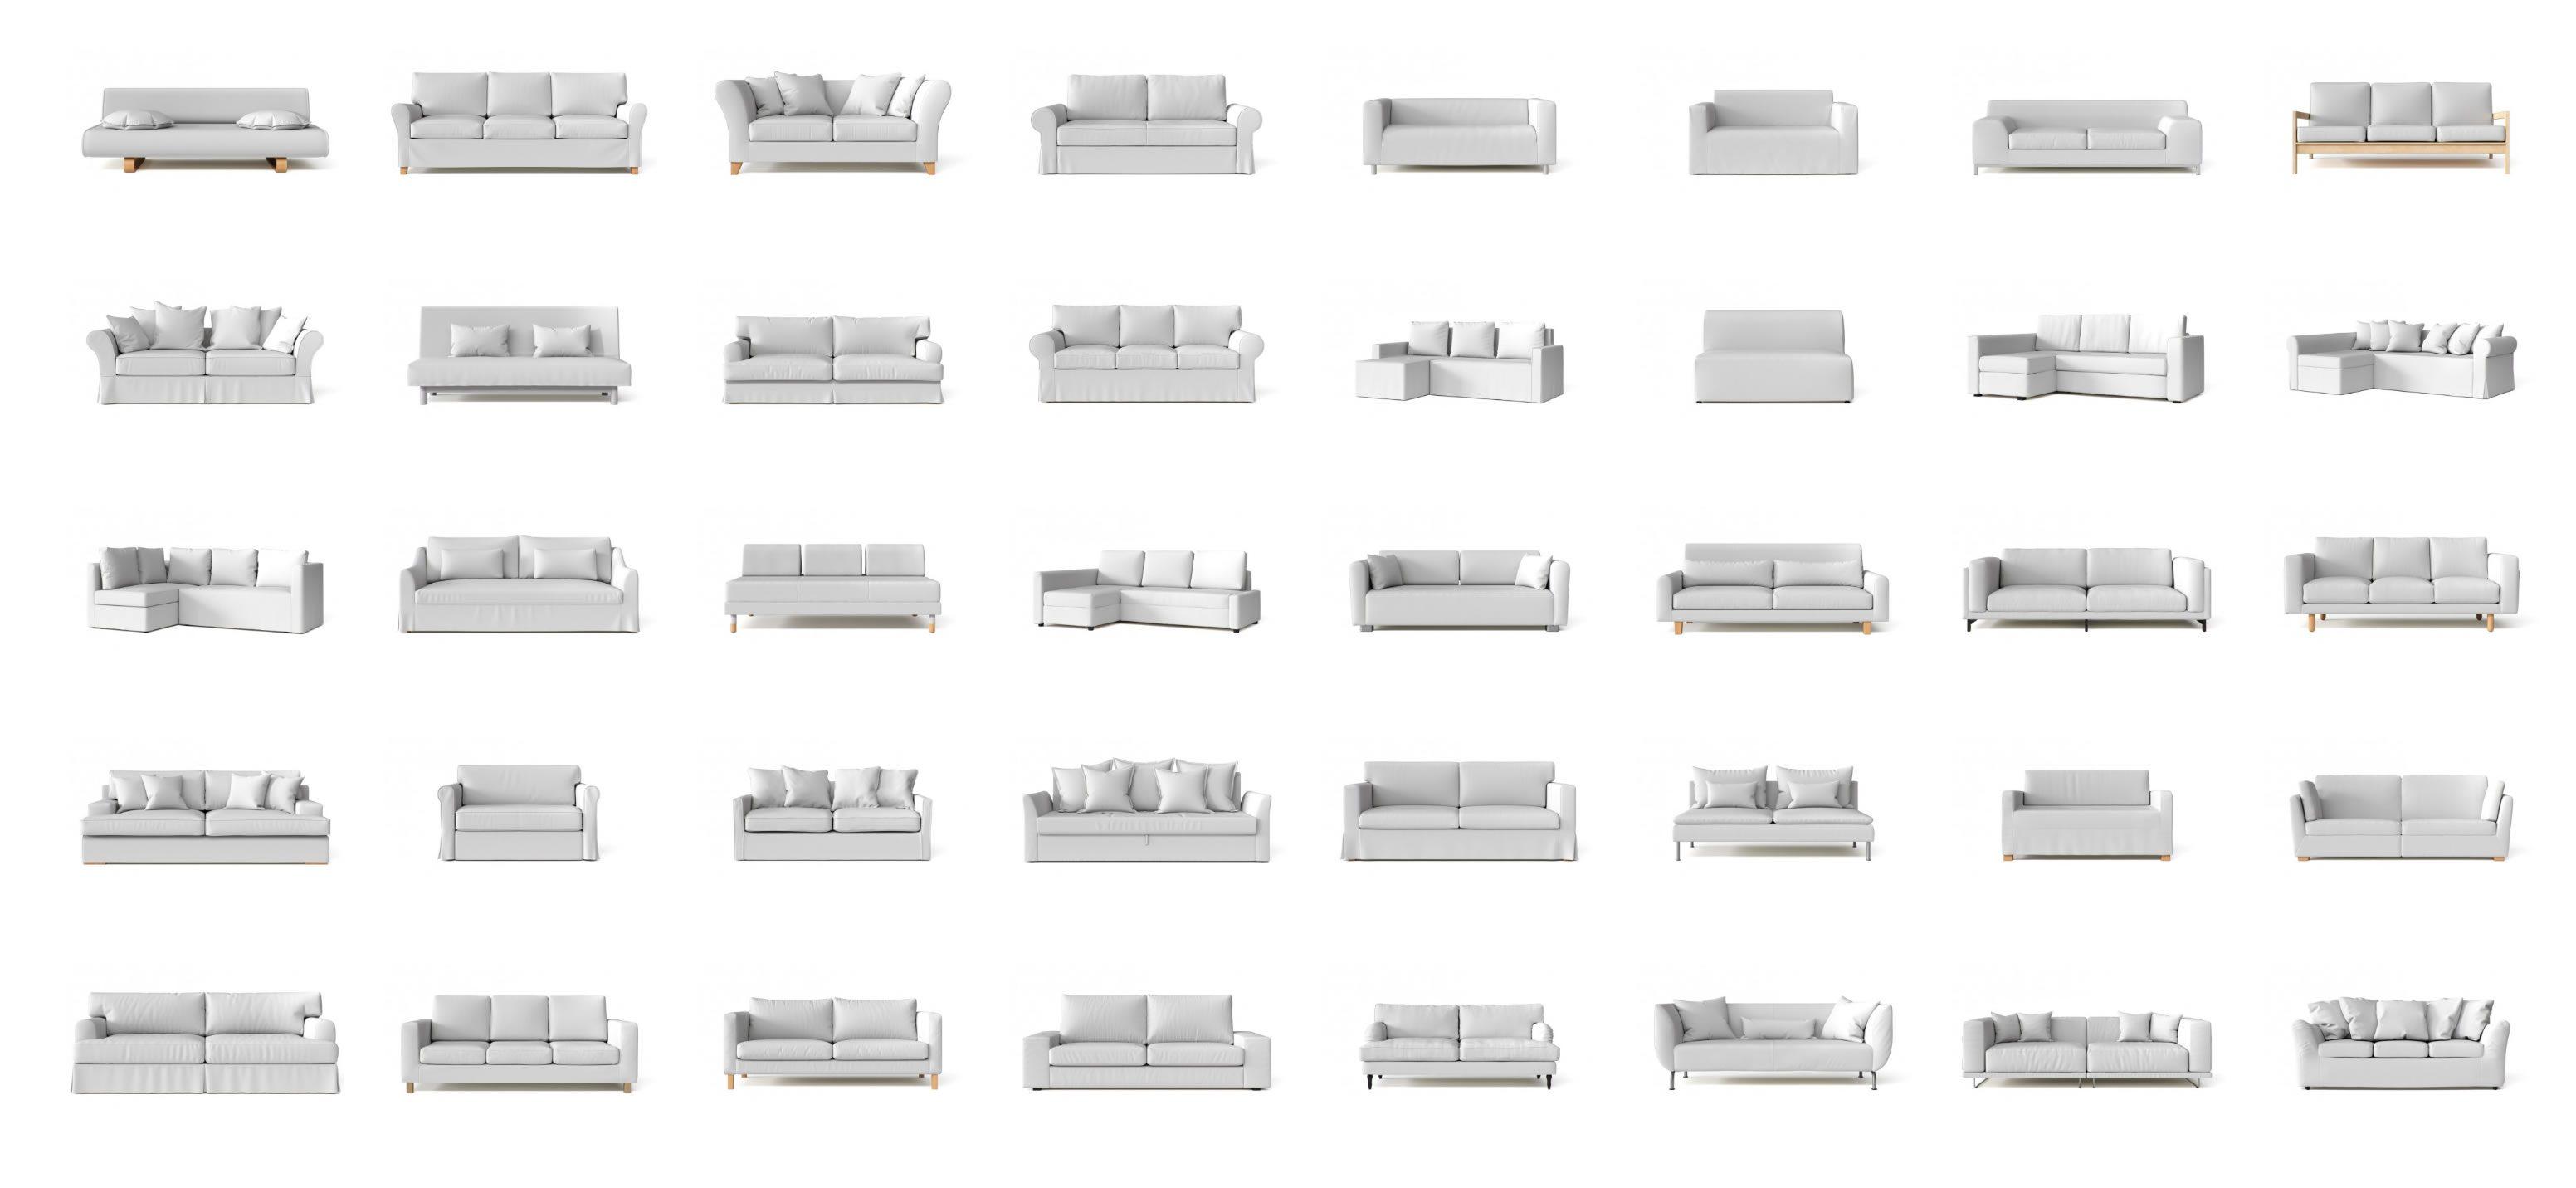 Sofás IKEA Opiniones